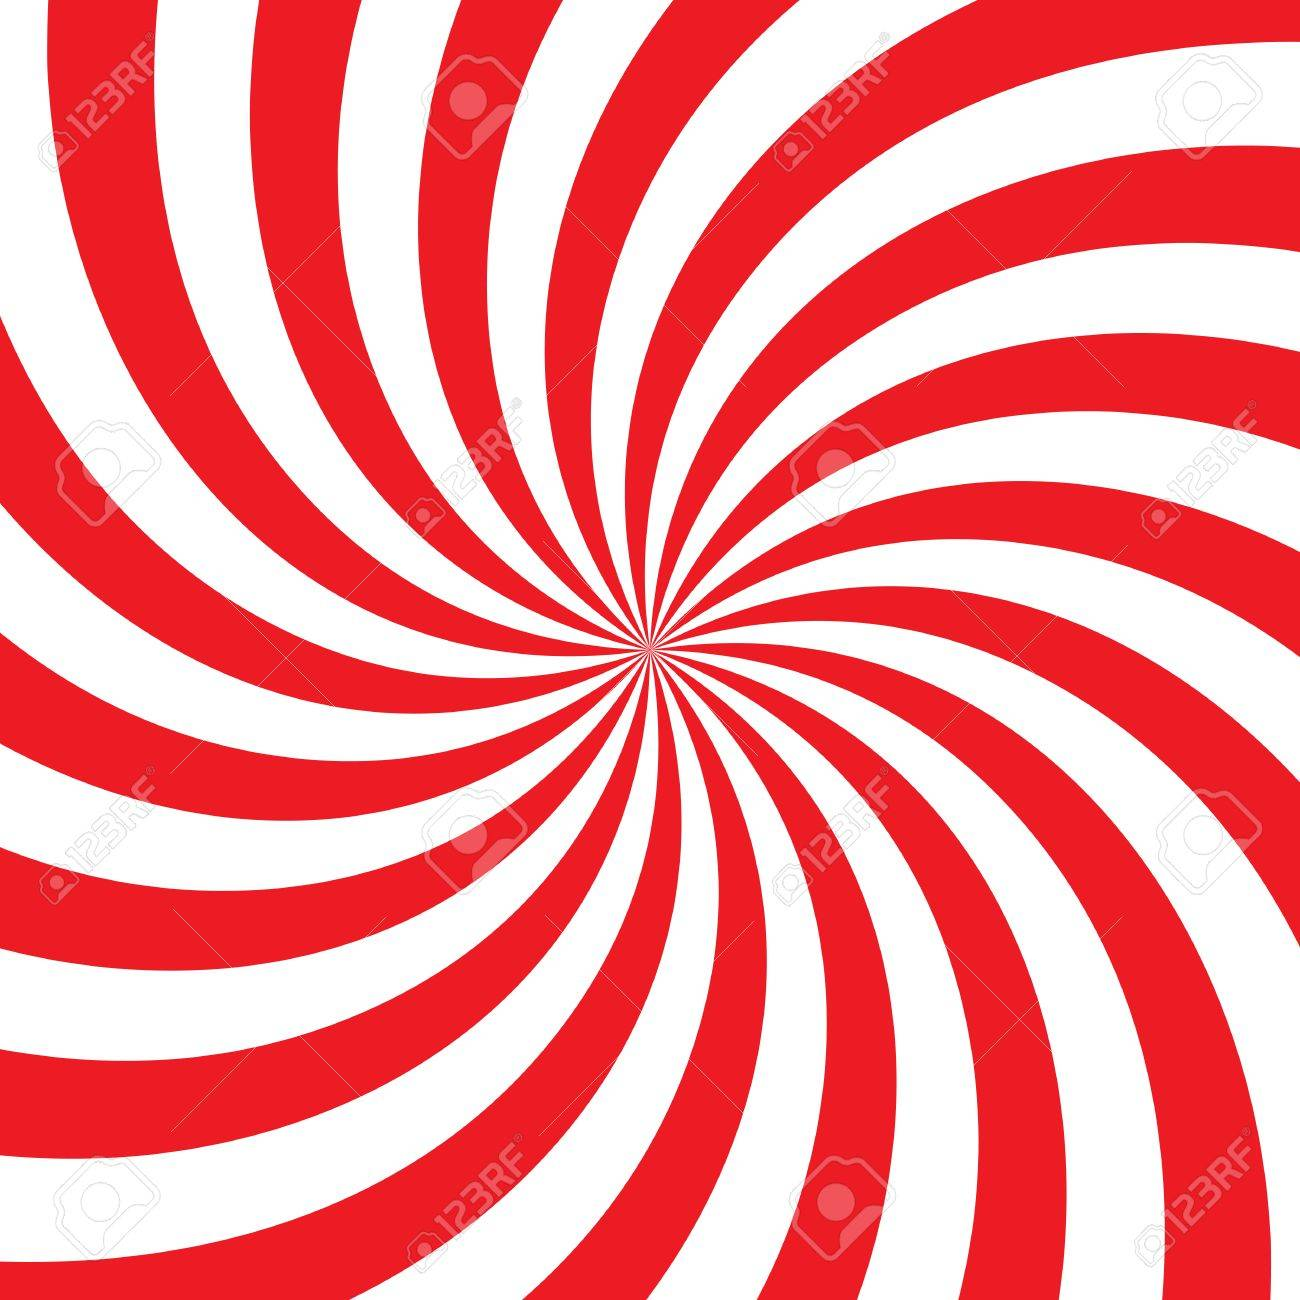 Fondo rayas blancas y rojas